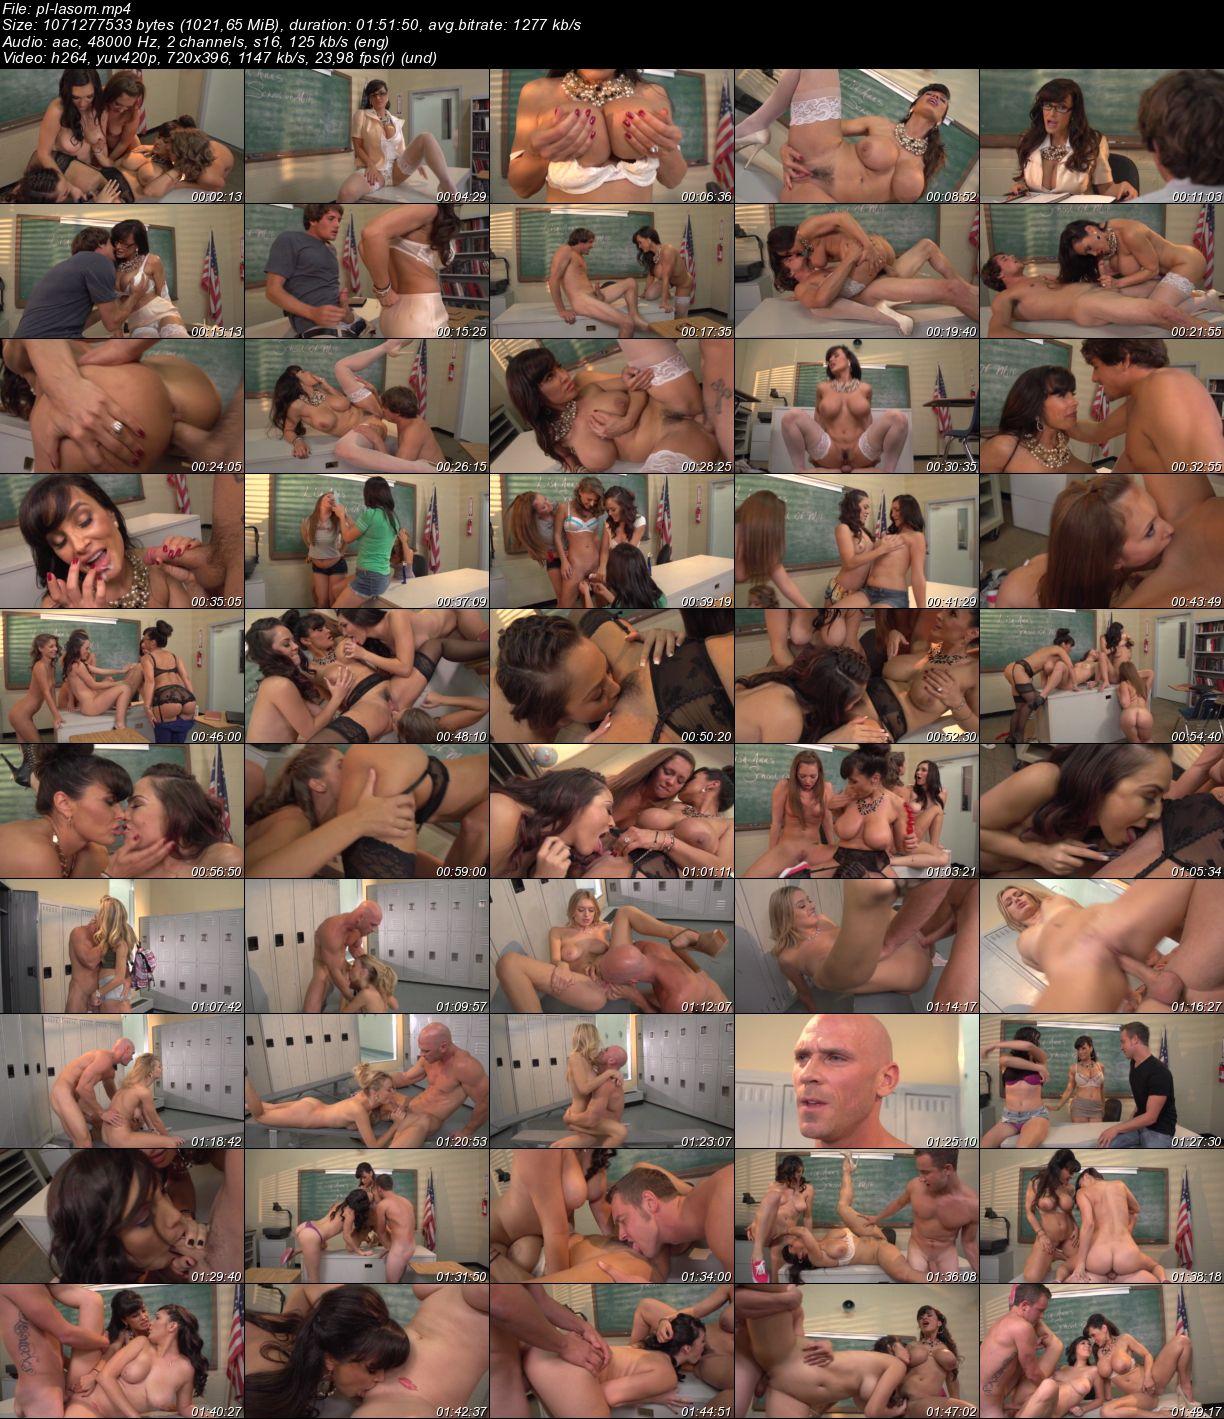 Громко порно фильм школа 2 вряд